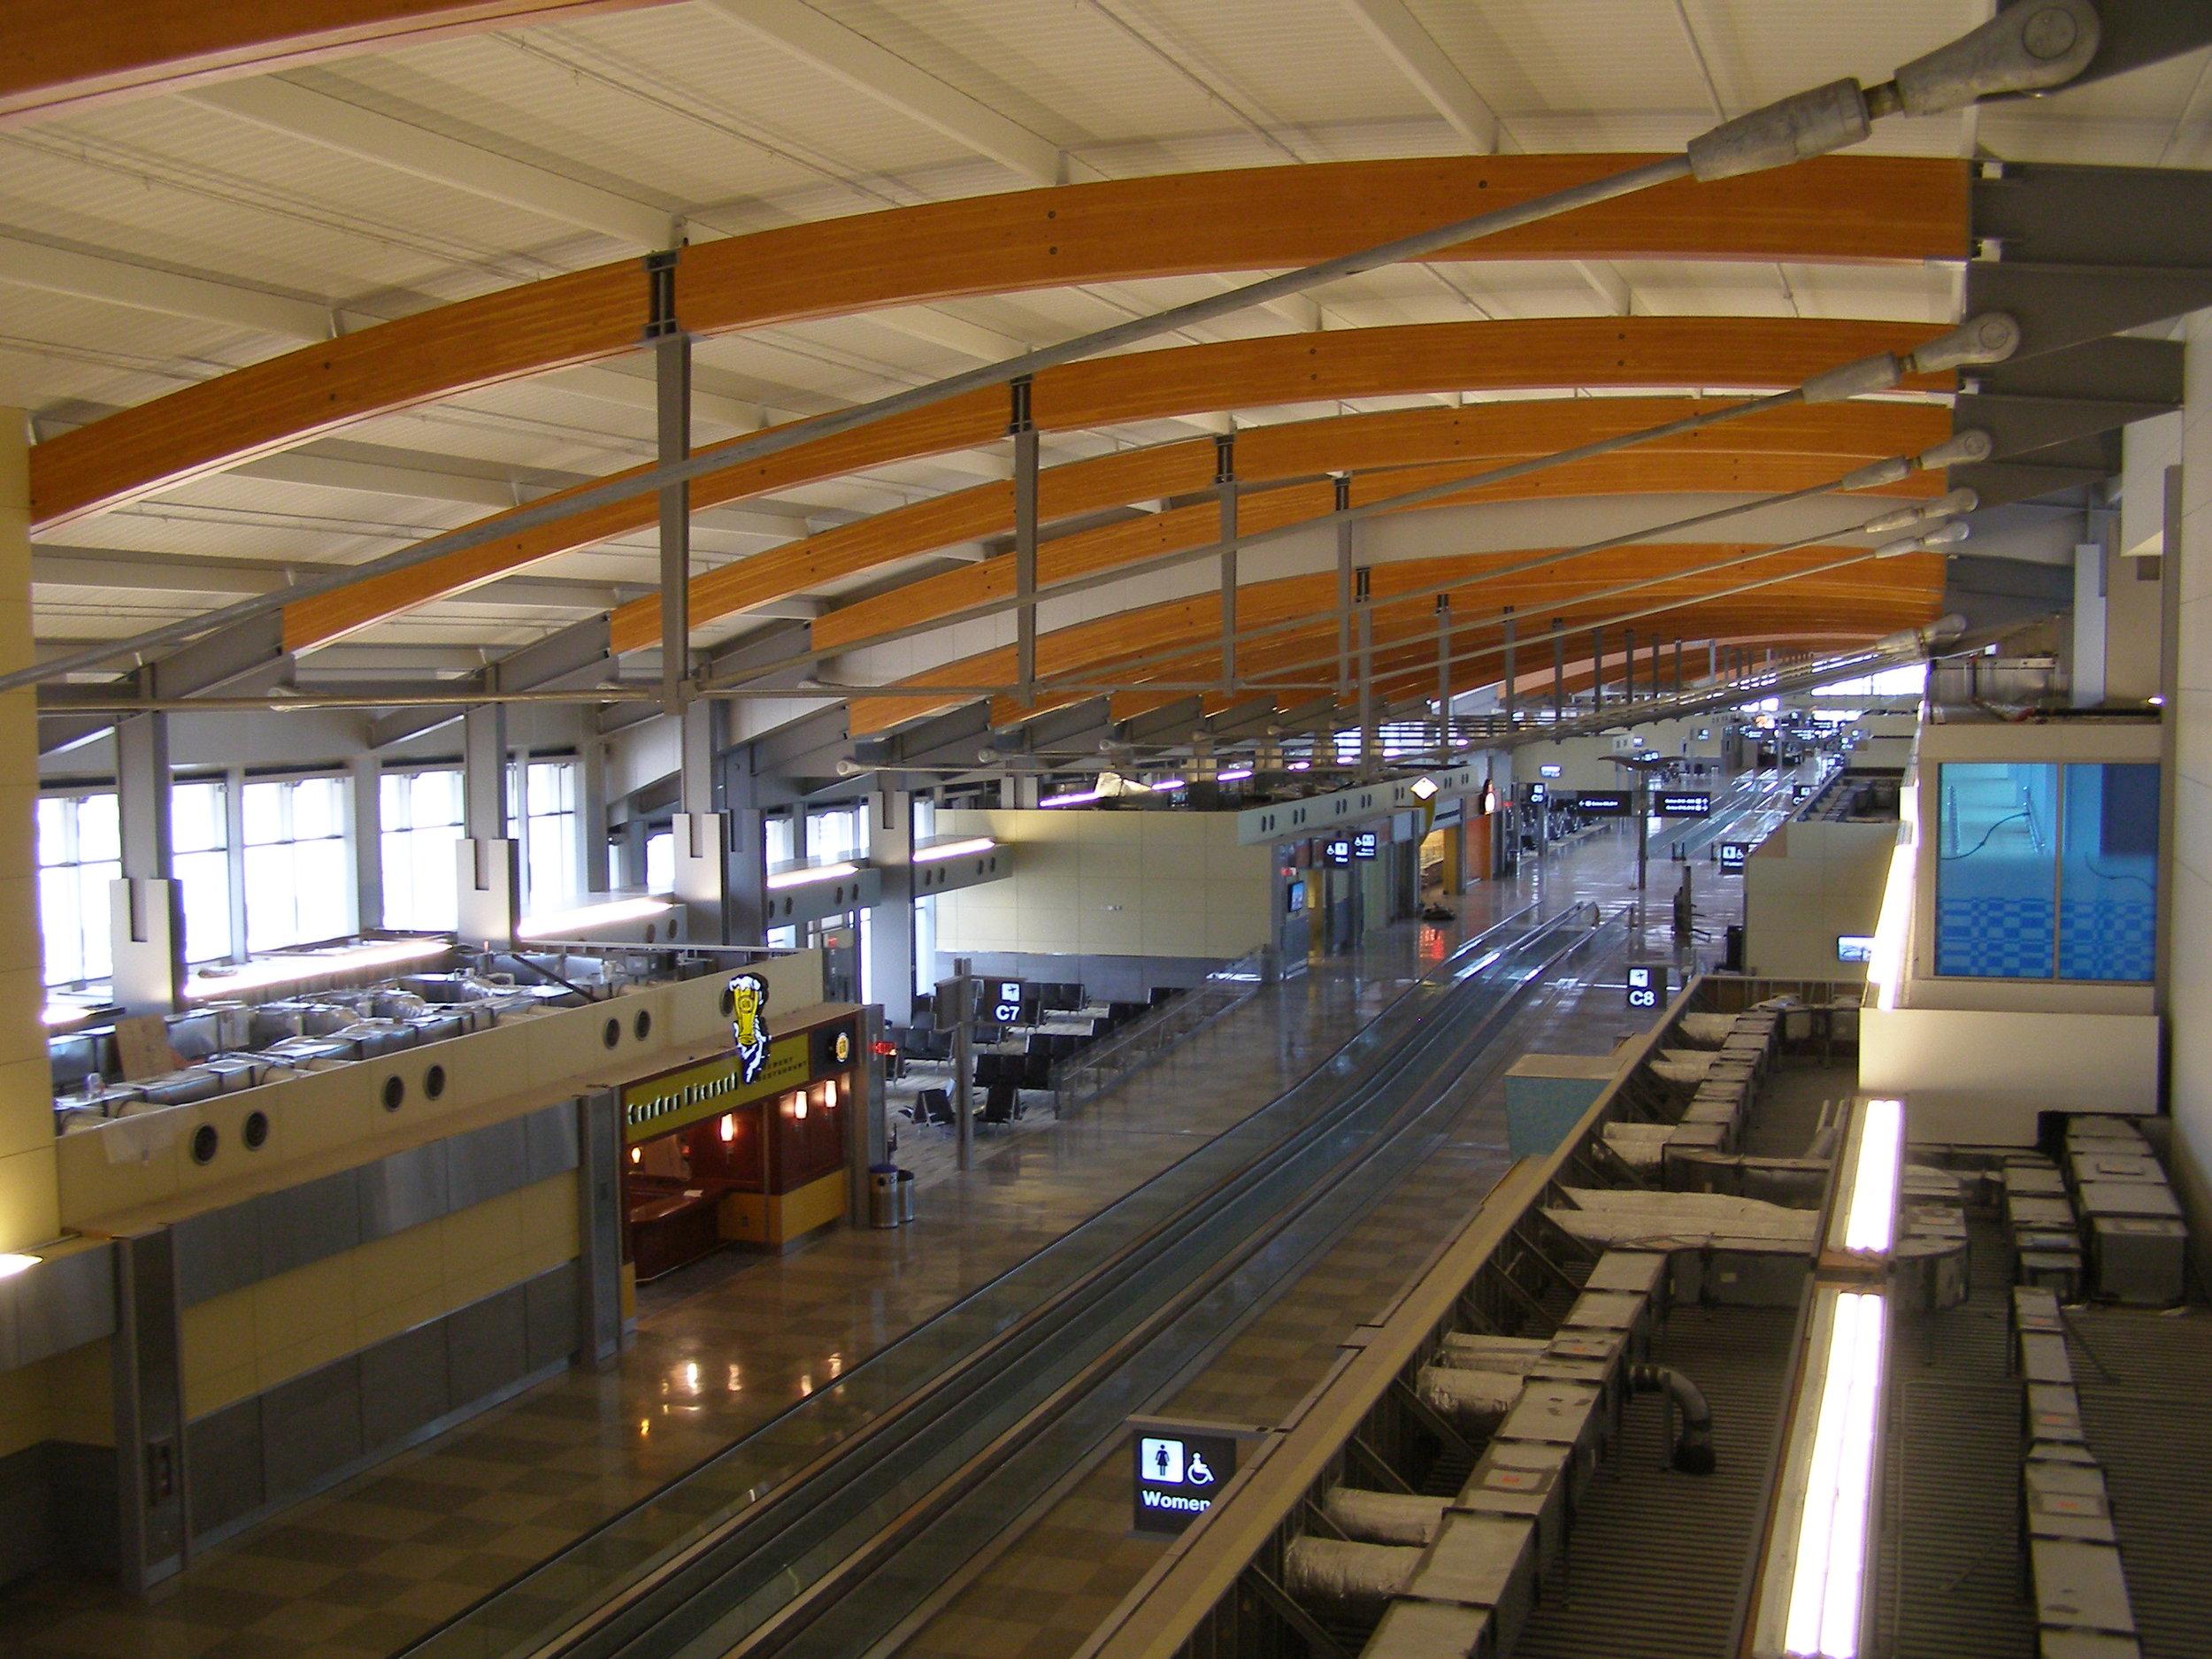 raleigh-durham-international-airport-wood-covered-steel.jpg